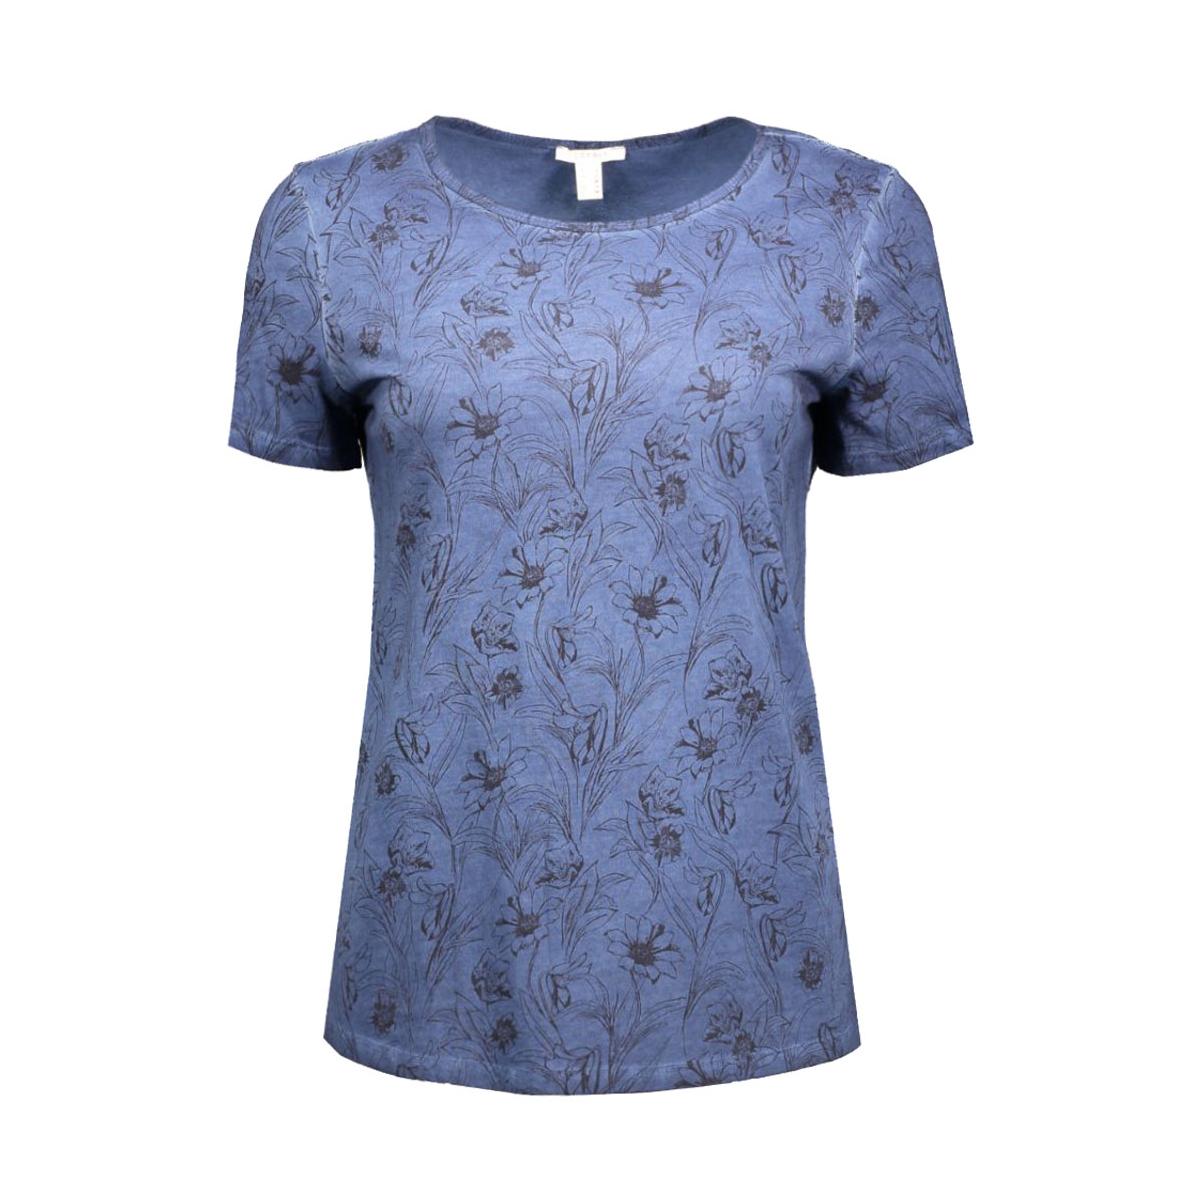 096ee1k023 esprit t-shirt e405